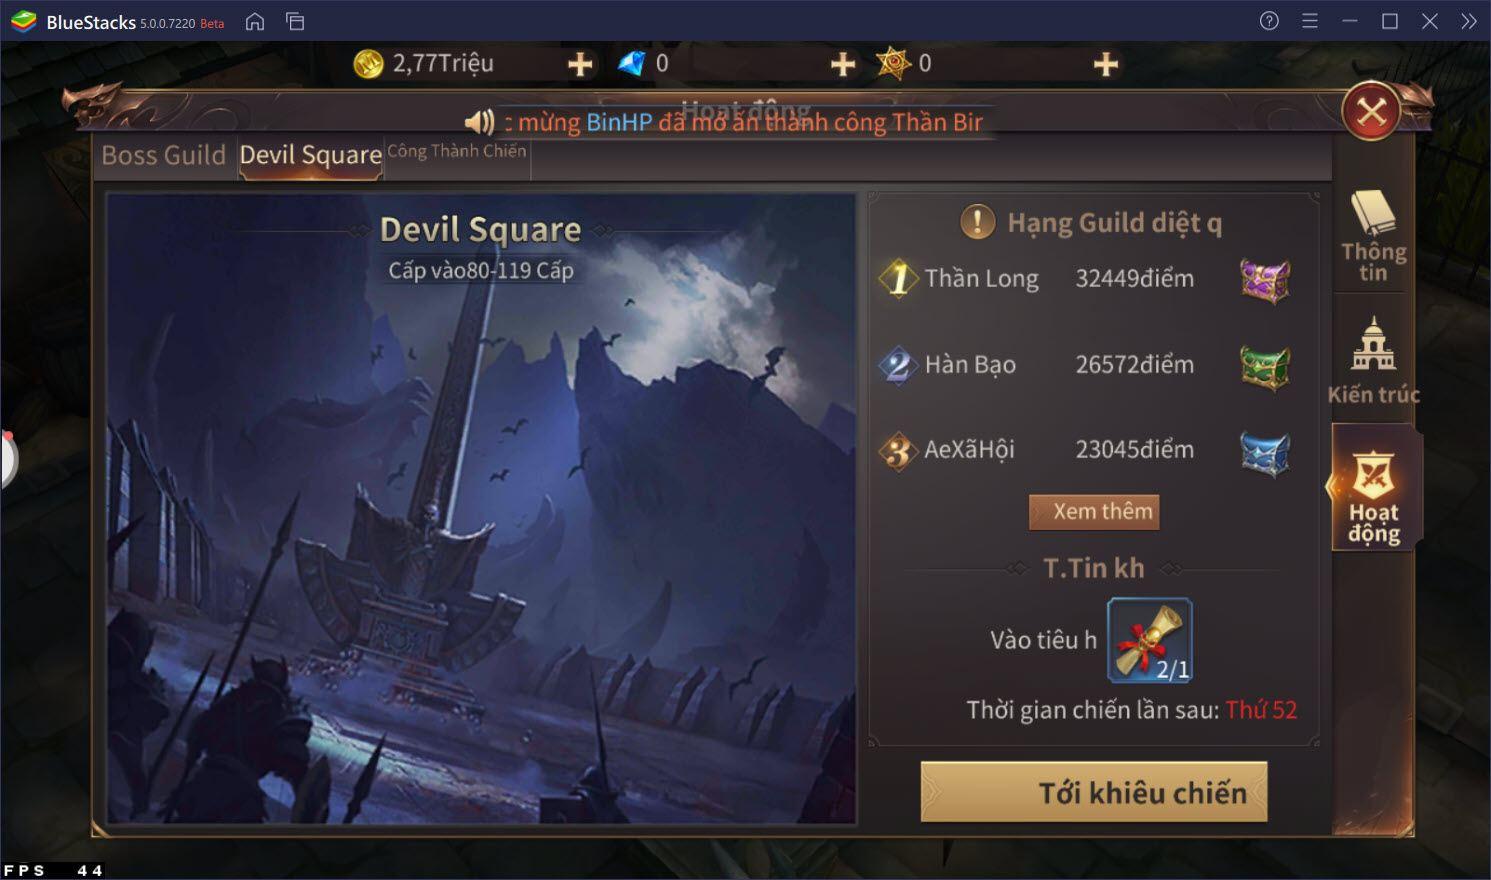 Hướng dẫn đi Blood Castle và Devil Square trong MU: Vượt Thời Đại